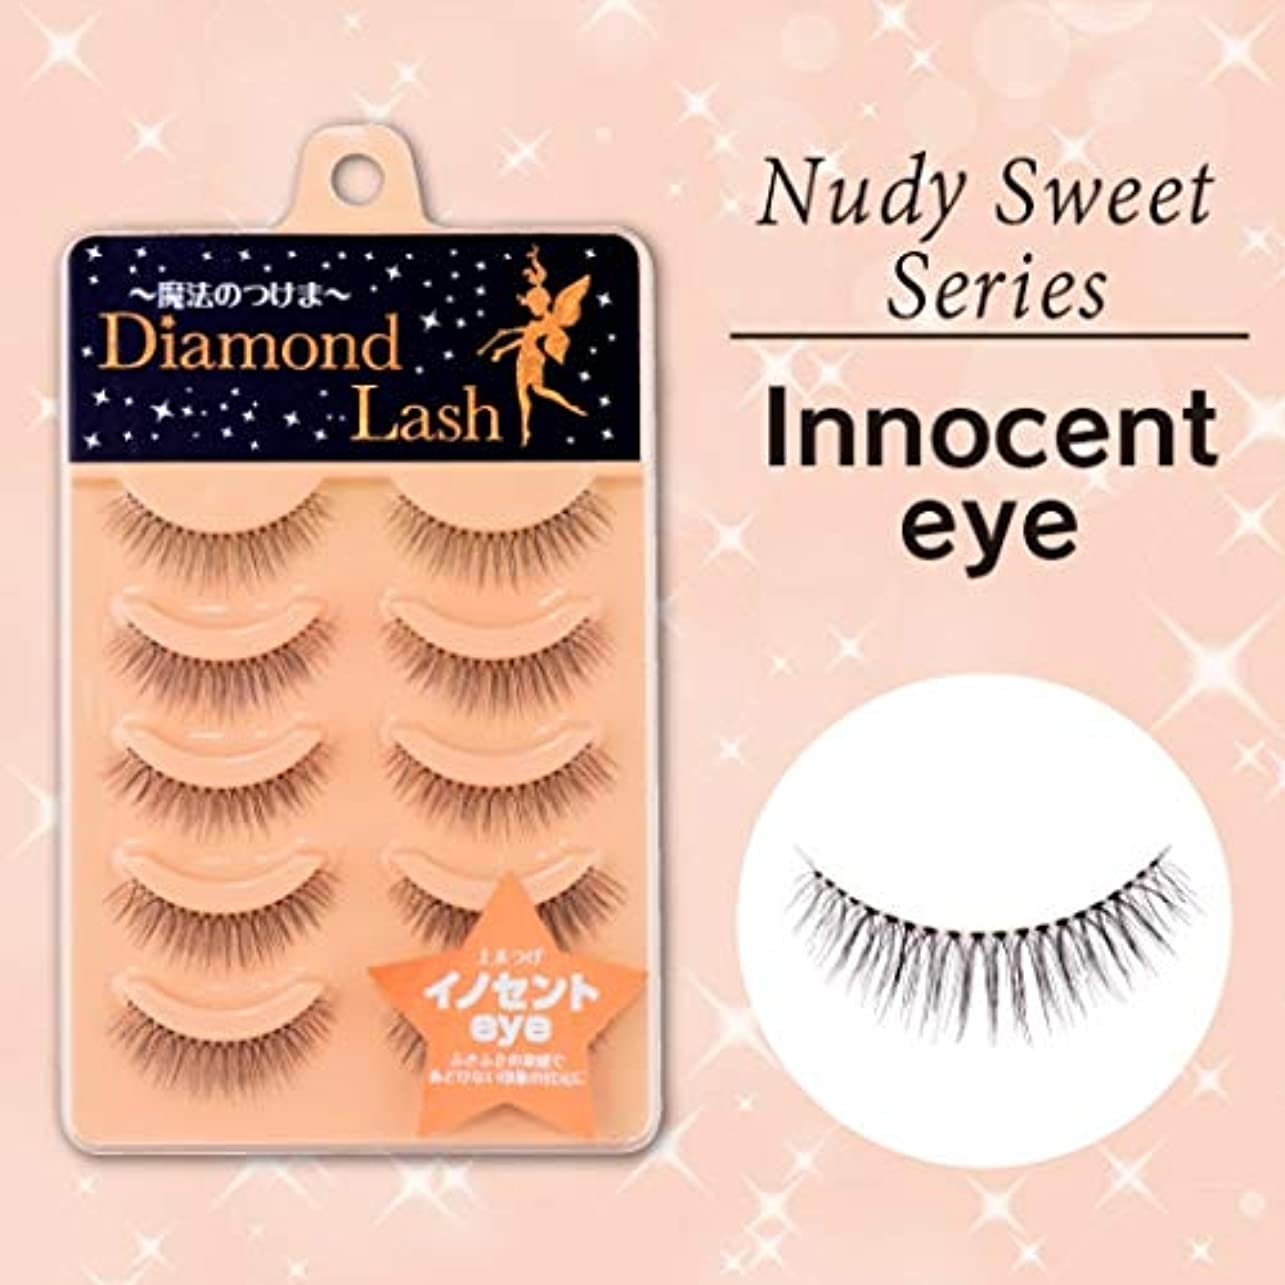 起こりやすい好色なクレデンシャルダイヤモンドラッシュ ヌーディスウィートシリーズ イノセントeye